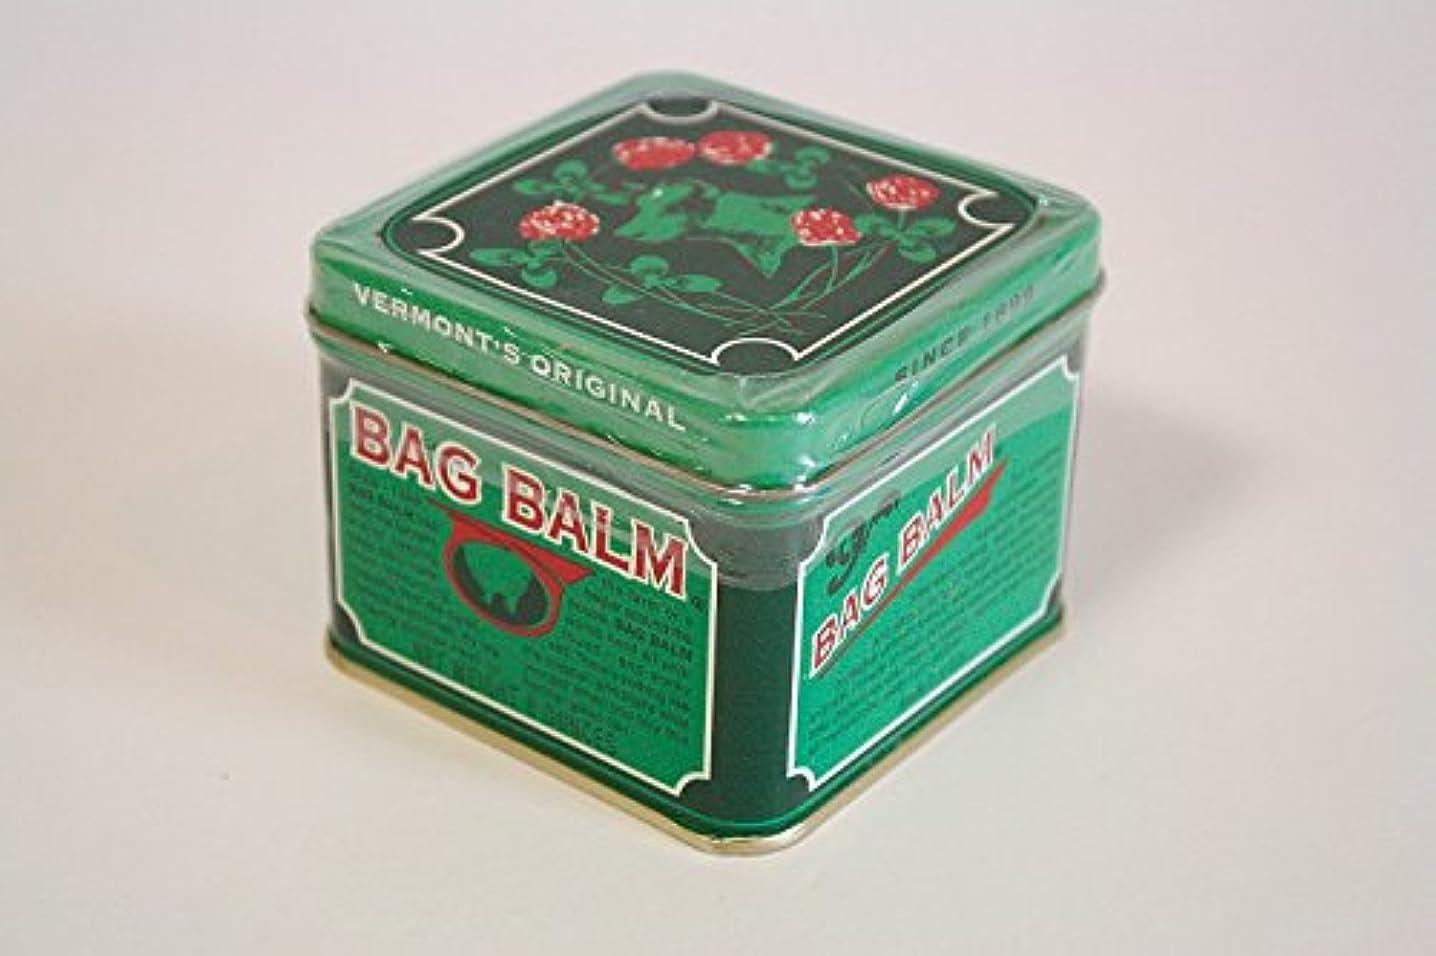 ジャニスカートリッジ反対にBag Balm バッグバーム 8oz 保湿クリーム Vermont's Original バーモントオリジナル[並行輸入品]